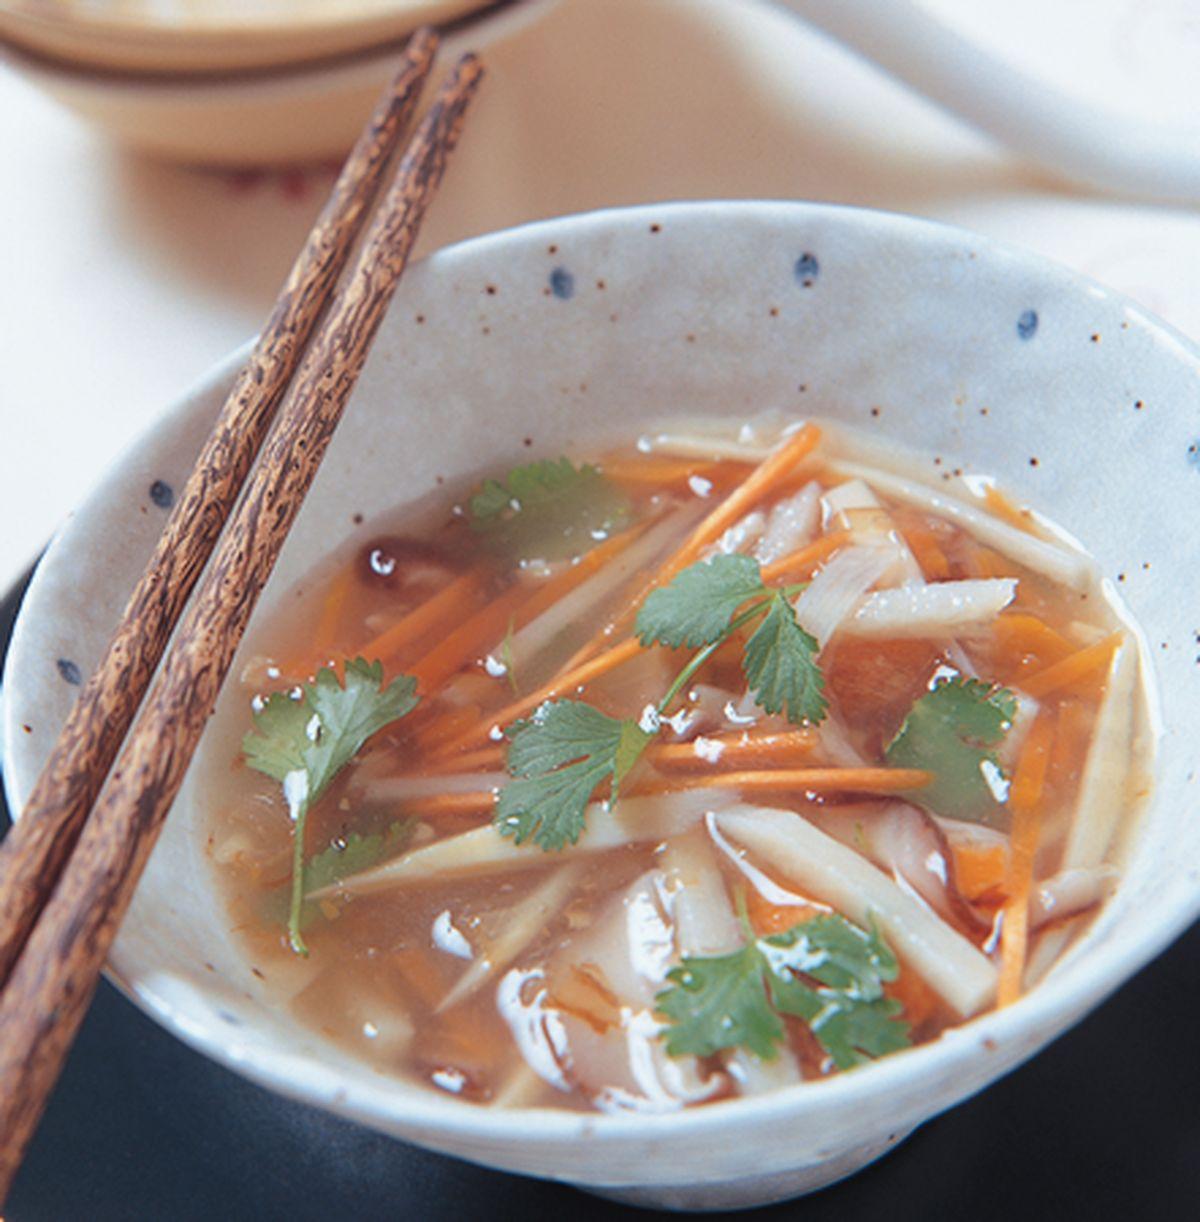 食譜:羹湯基本作法